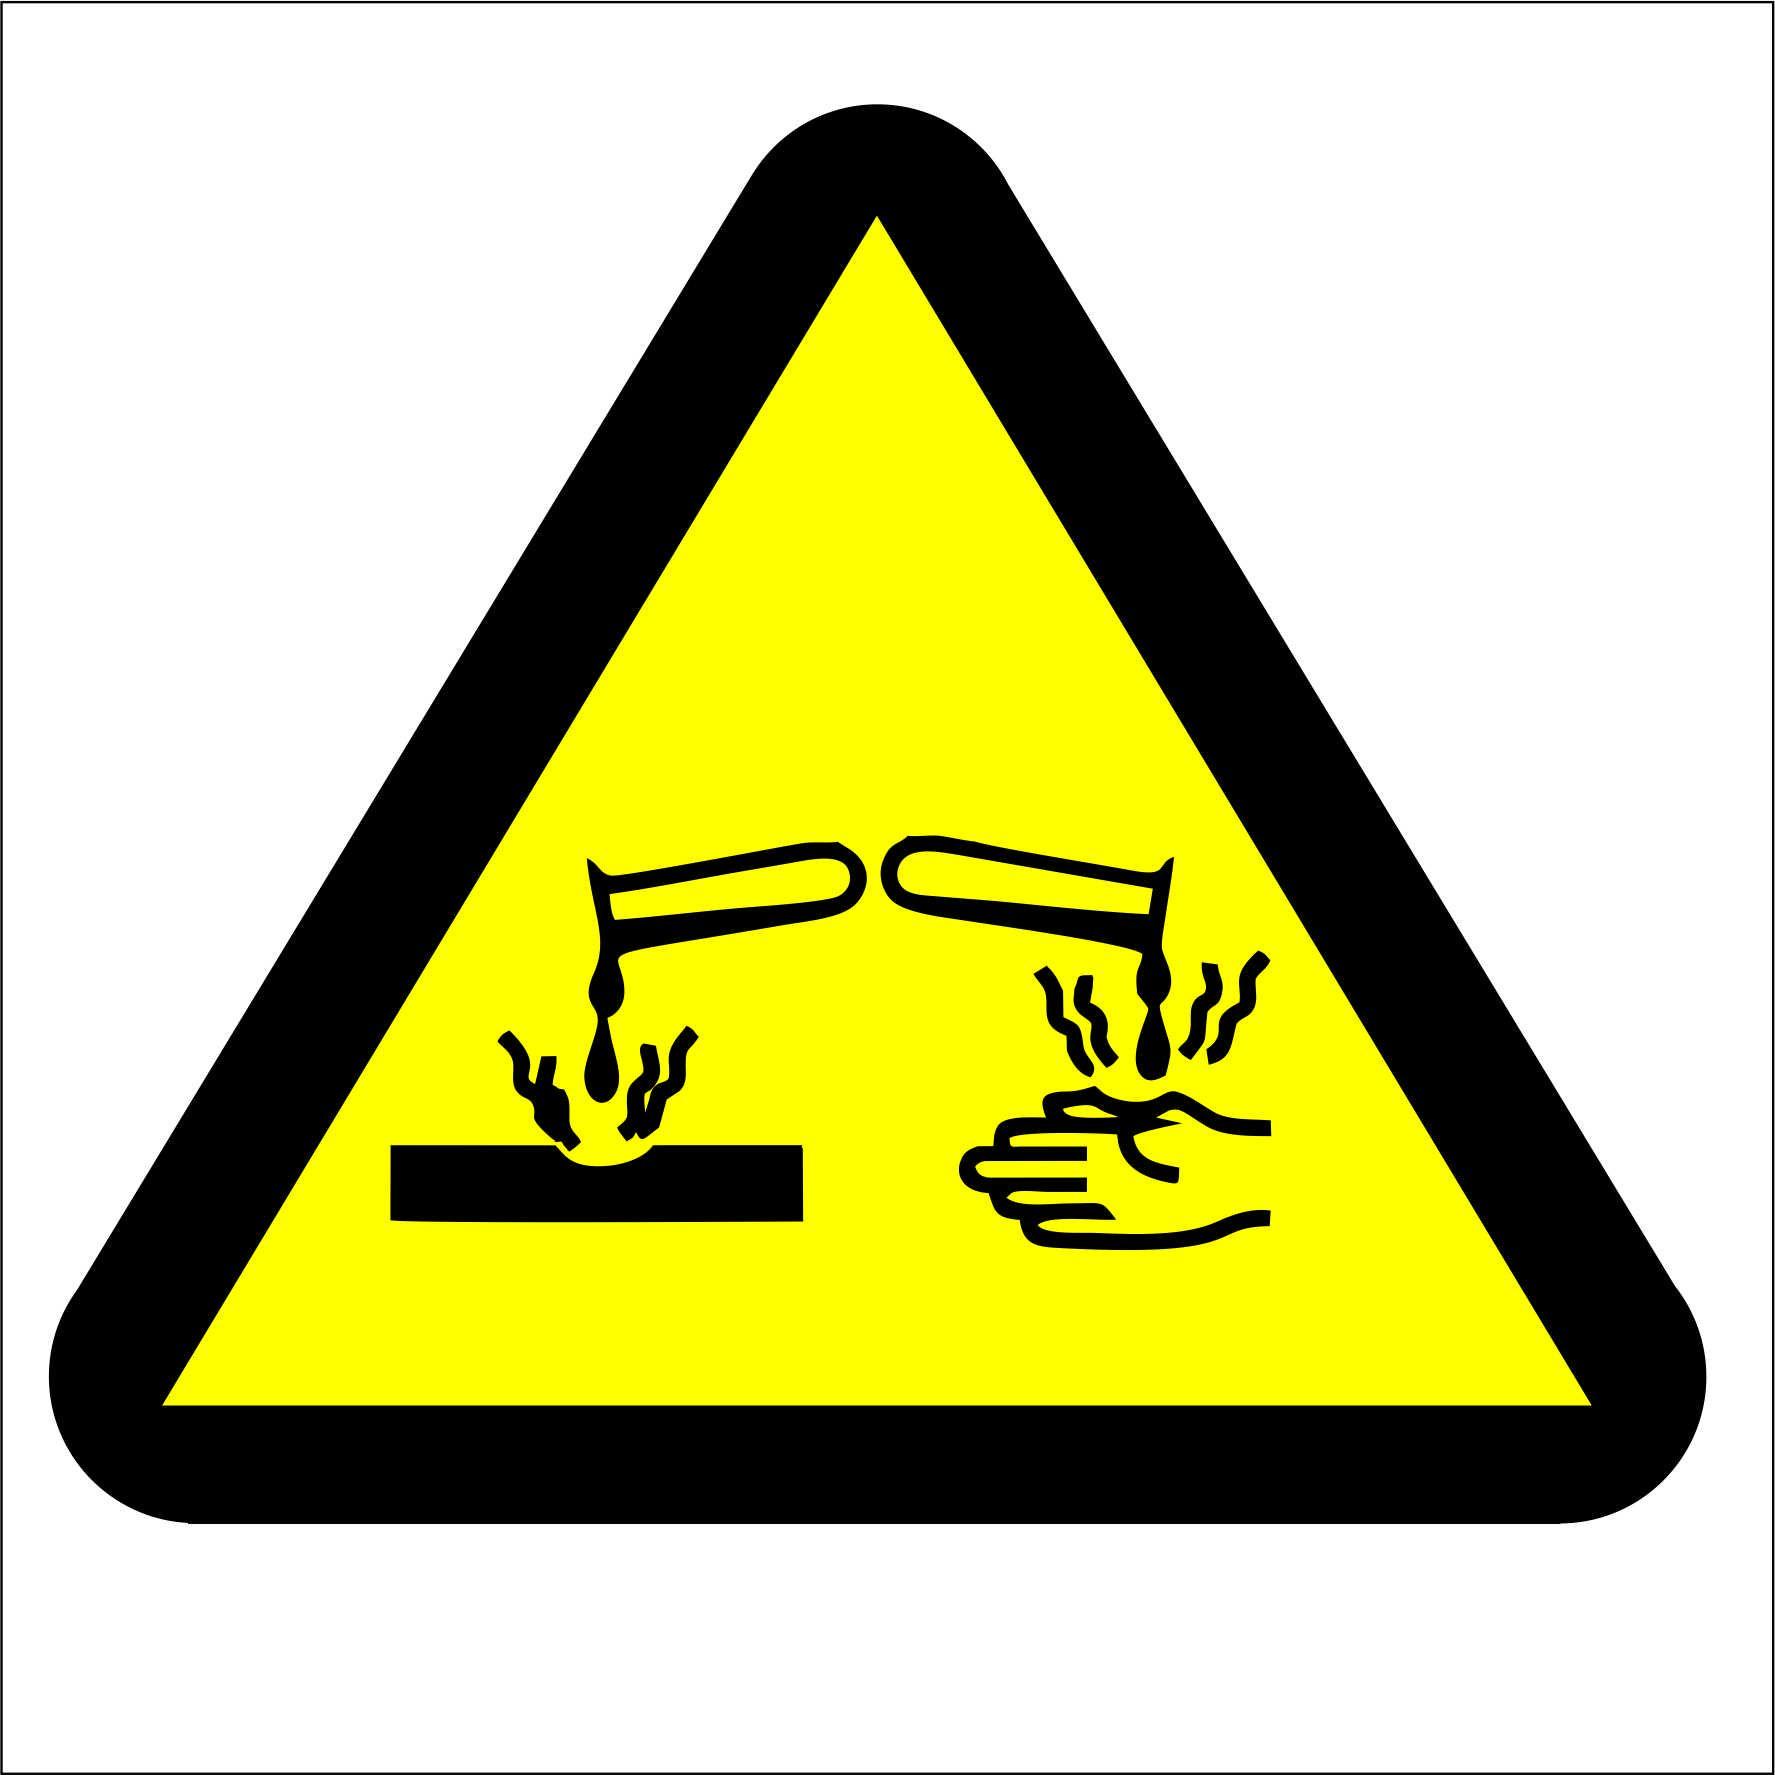 Dzletena uzlīme uzmanību nelīdzens kodīga viela